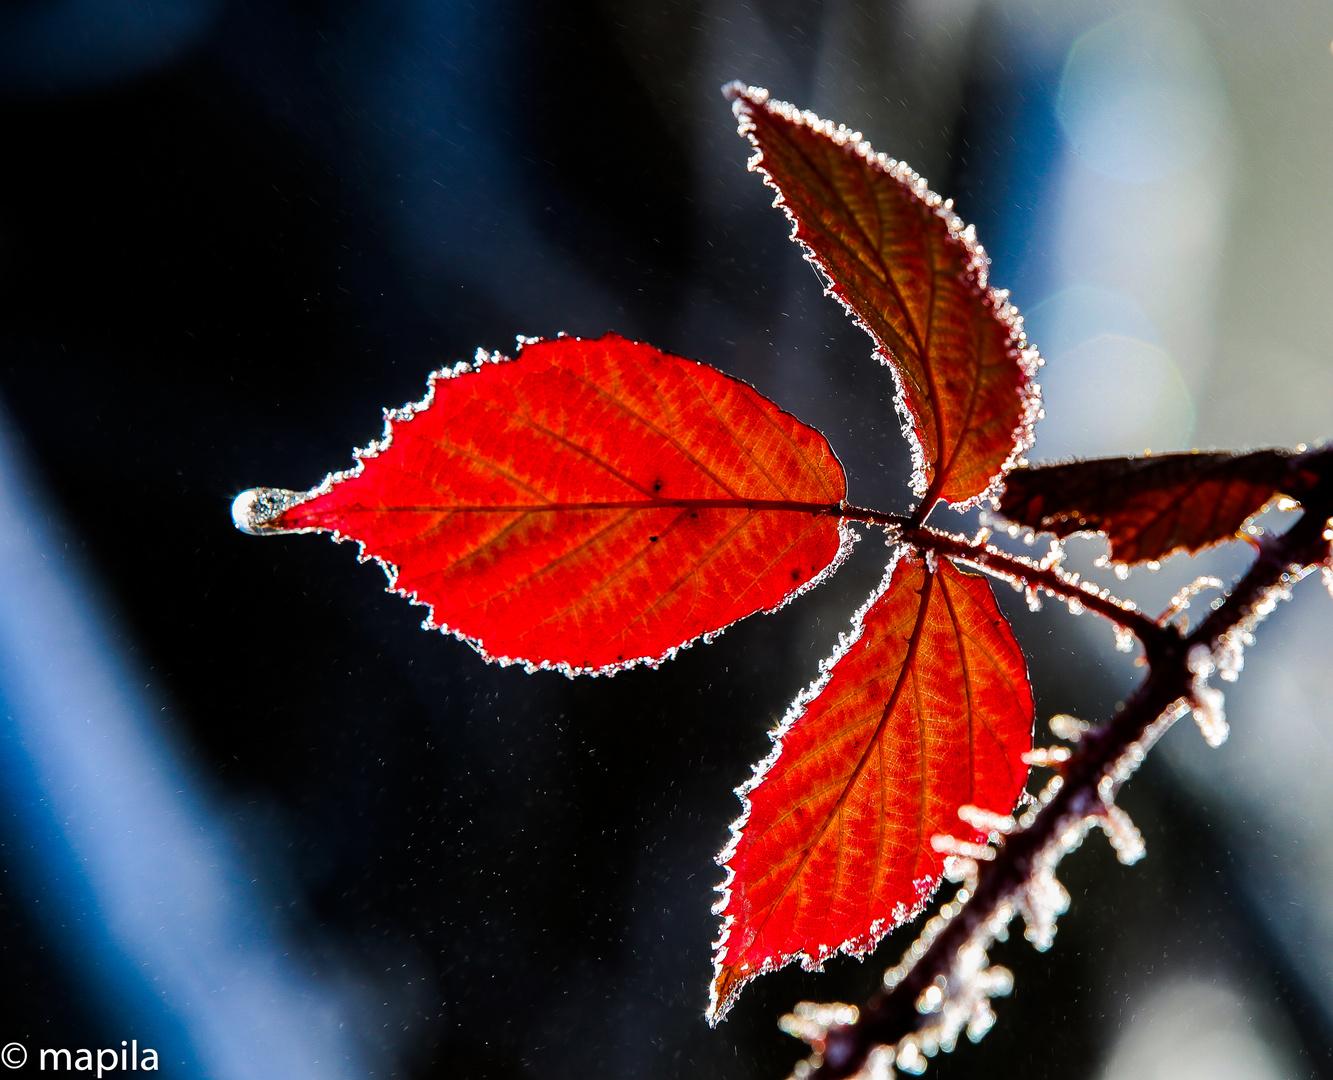 Herbst Winter Leuchten....rot